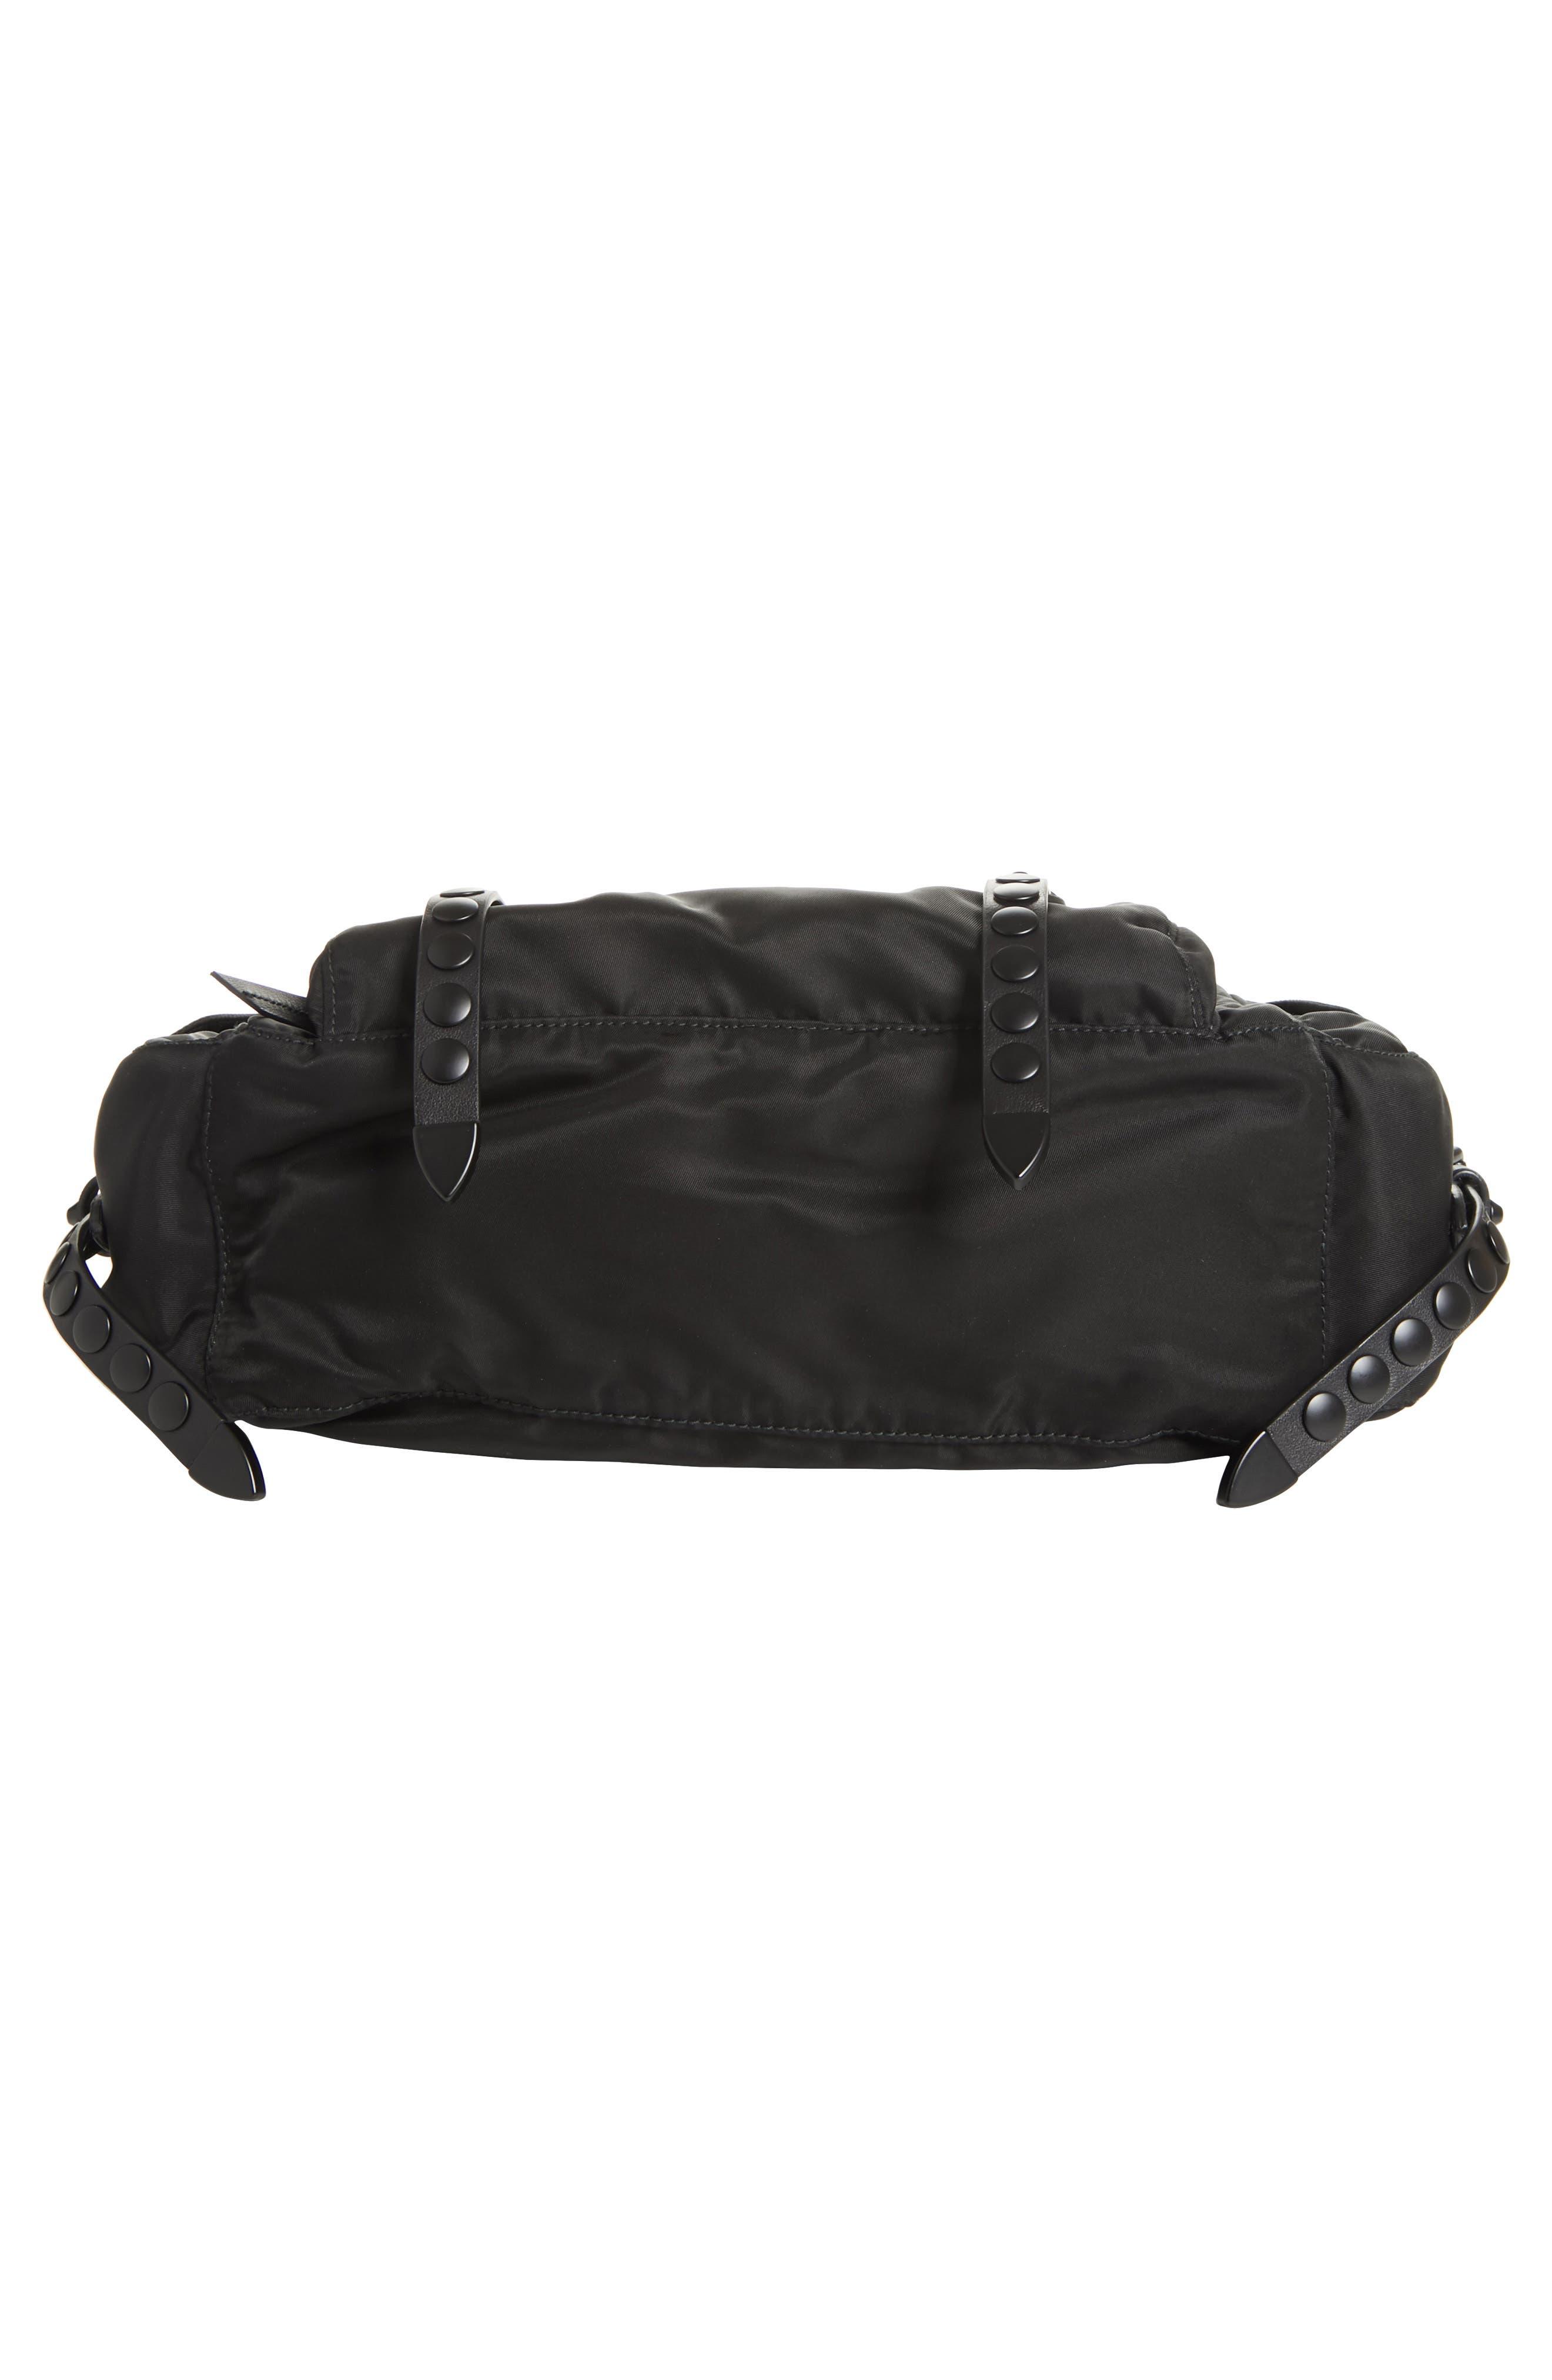 Studded Nylon Messenger Bag,                             Alternate thumbnail 7, color,                             002